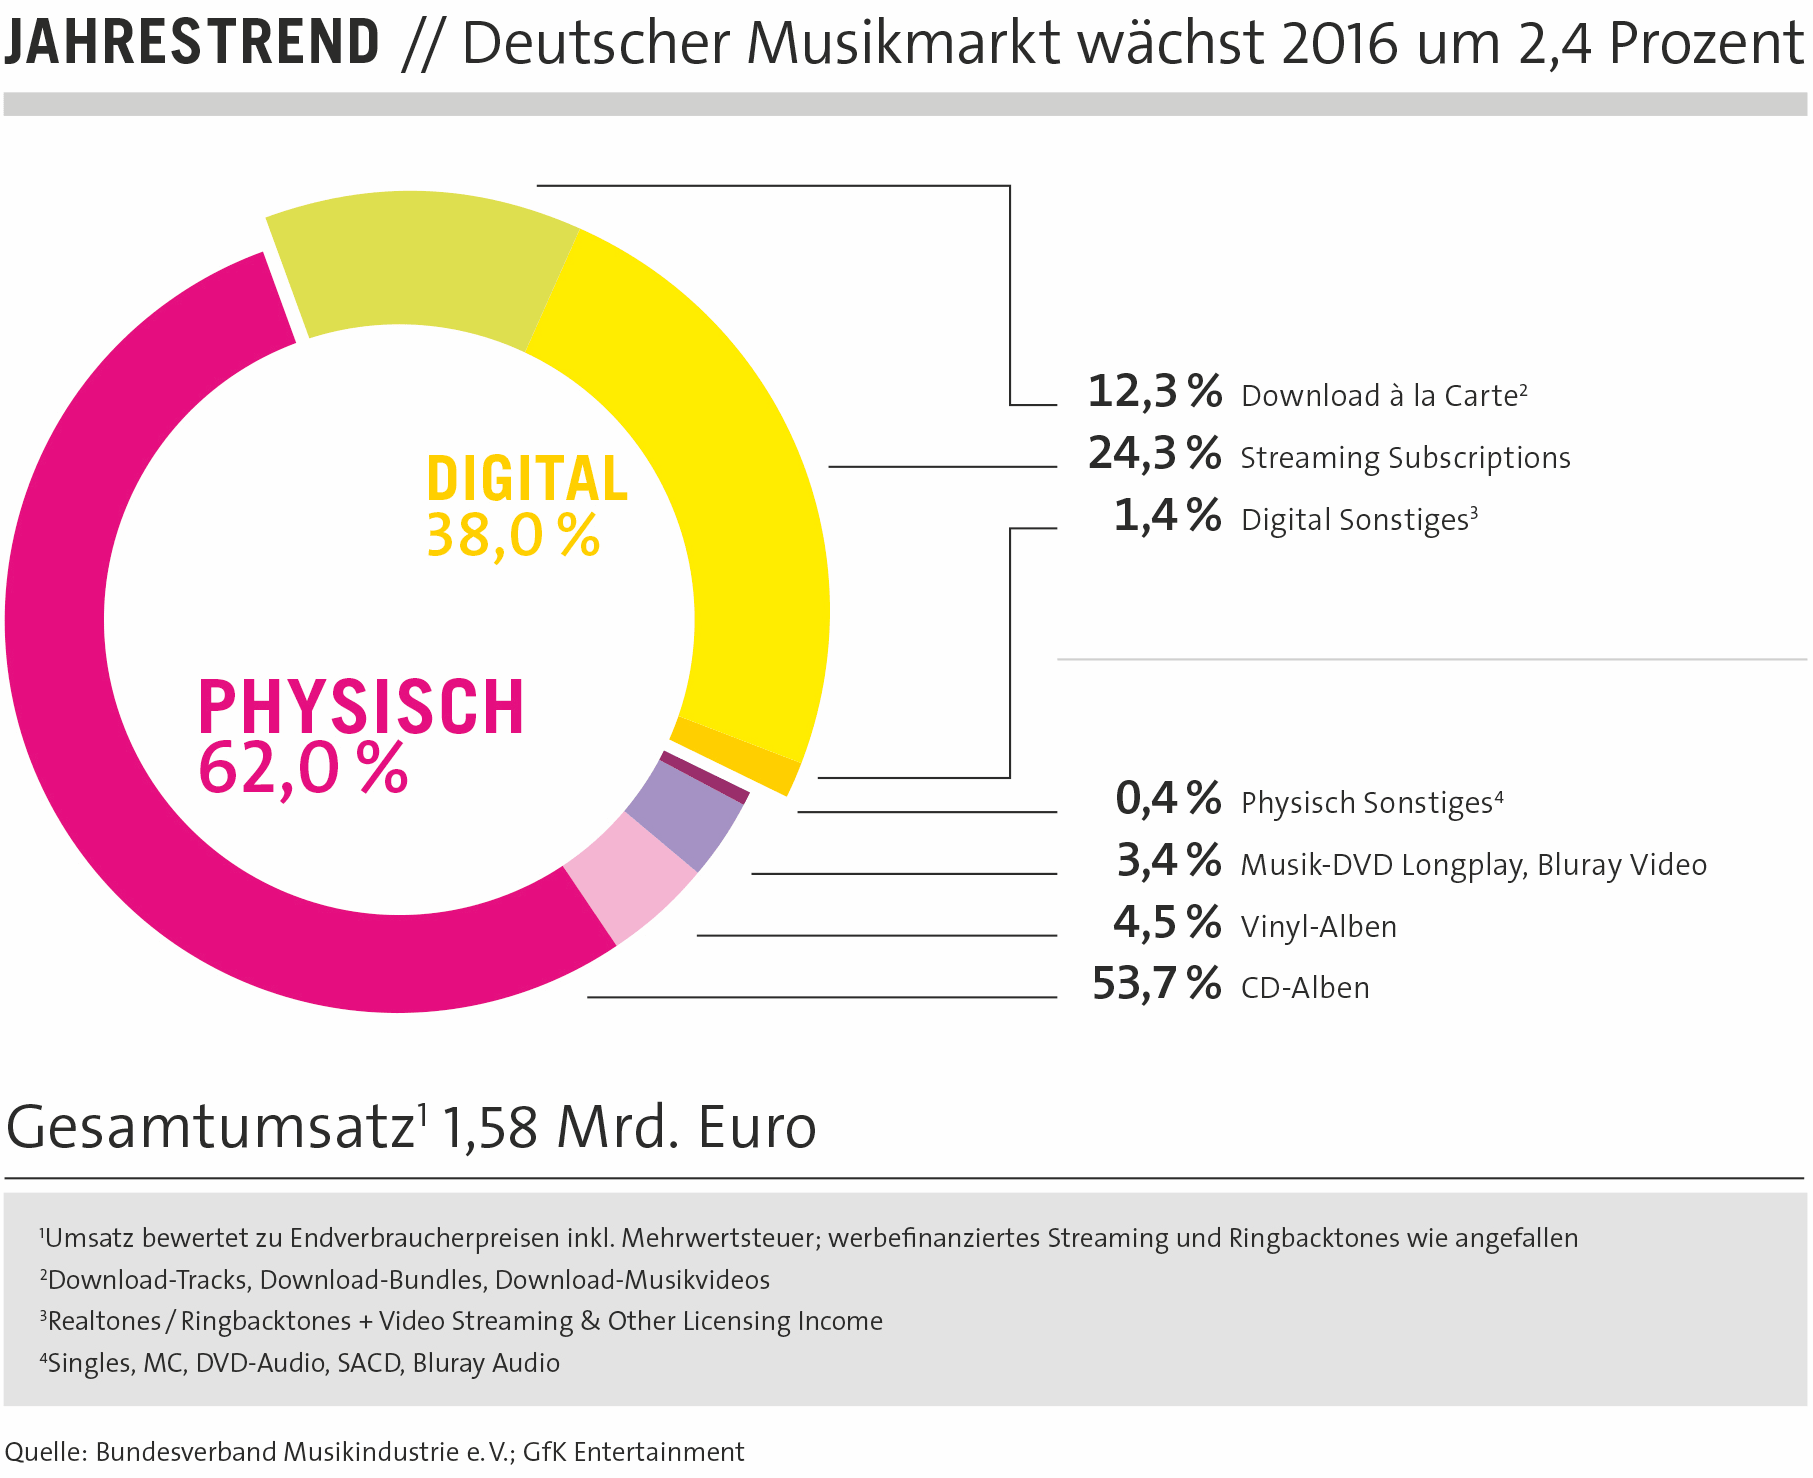 Umsatzanteile_deutscher_Musikmarkt_2016-min